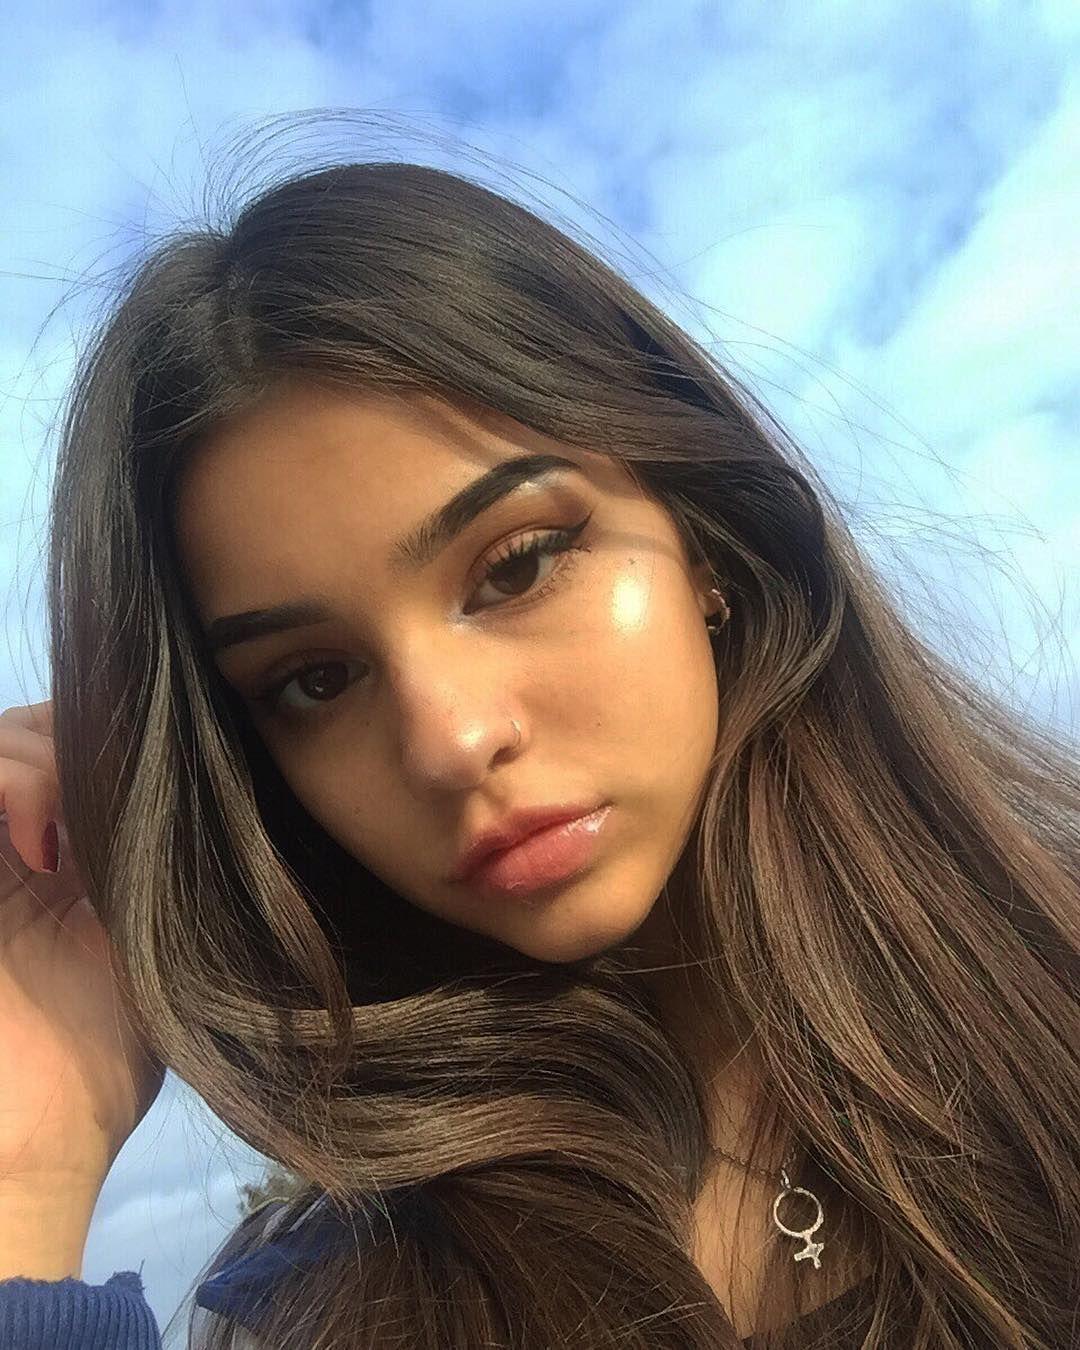 Close up selfies